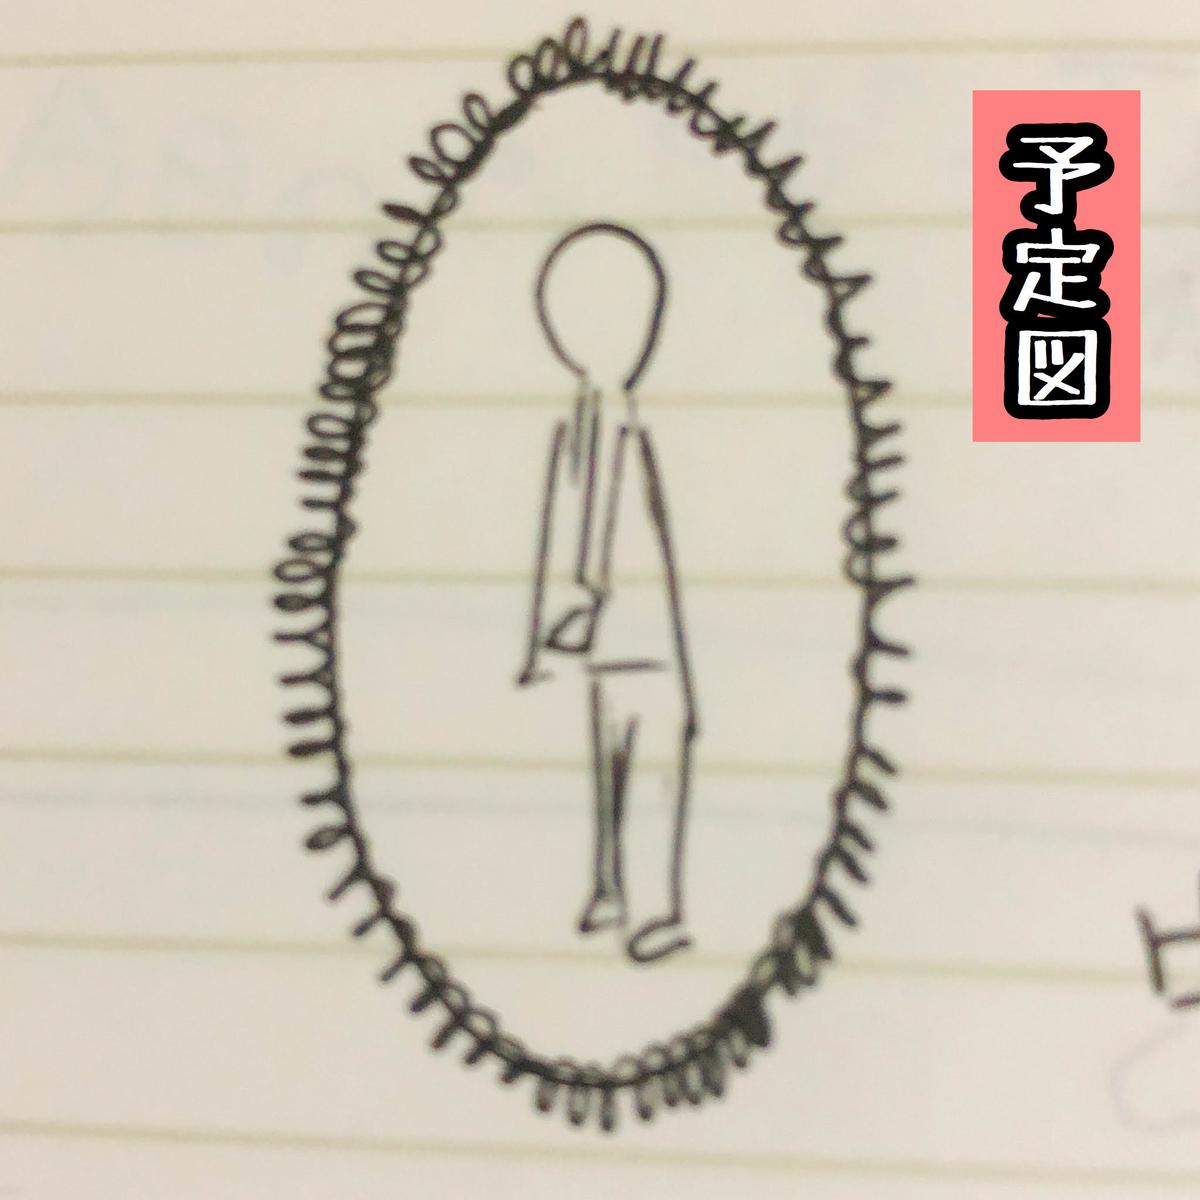 横向き 人間 イメージ図